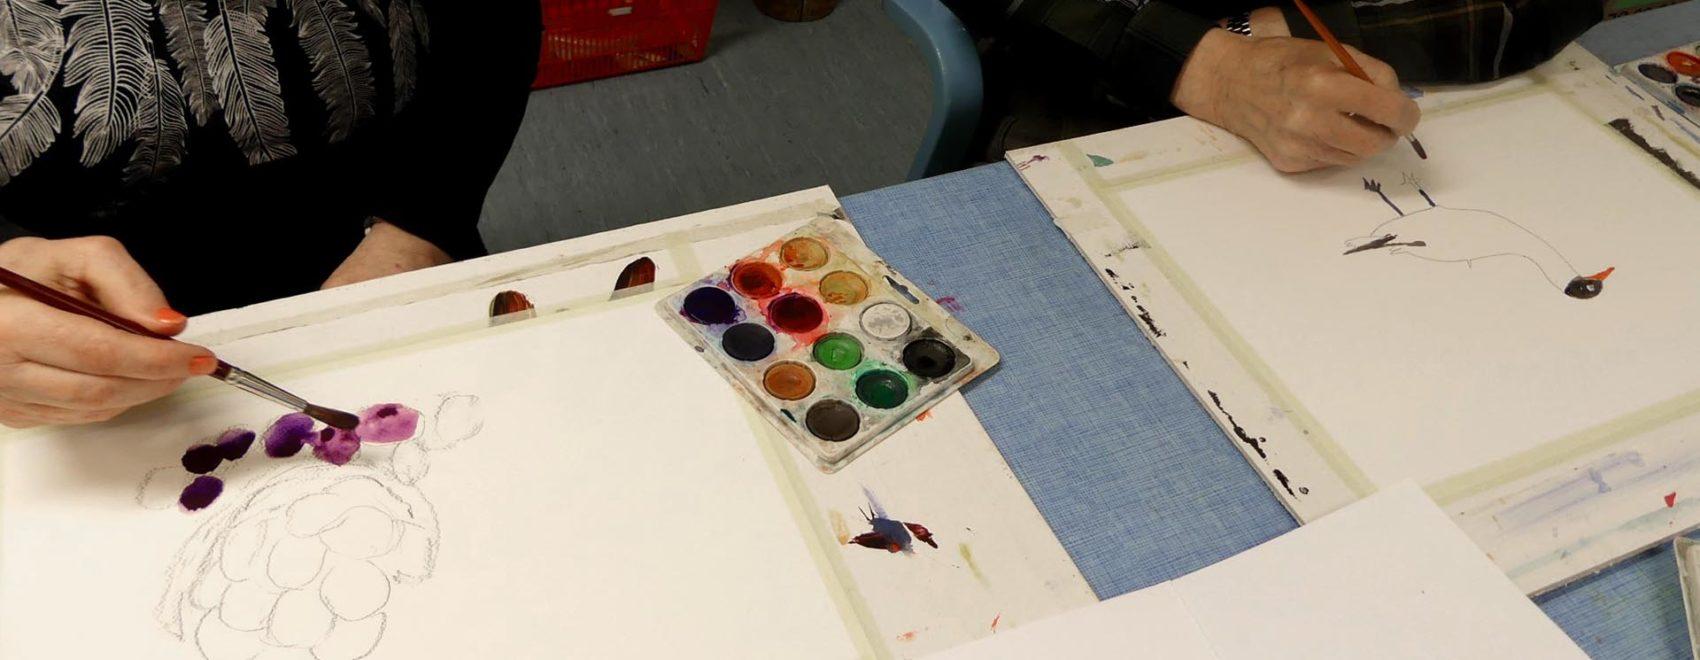 åvikin asukkaita maalaamassa